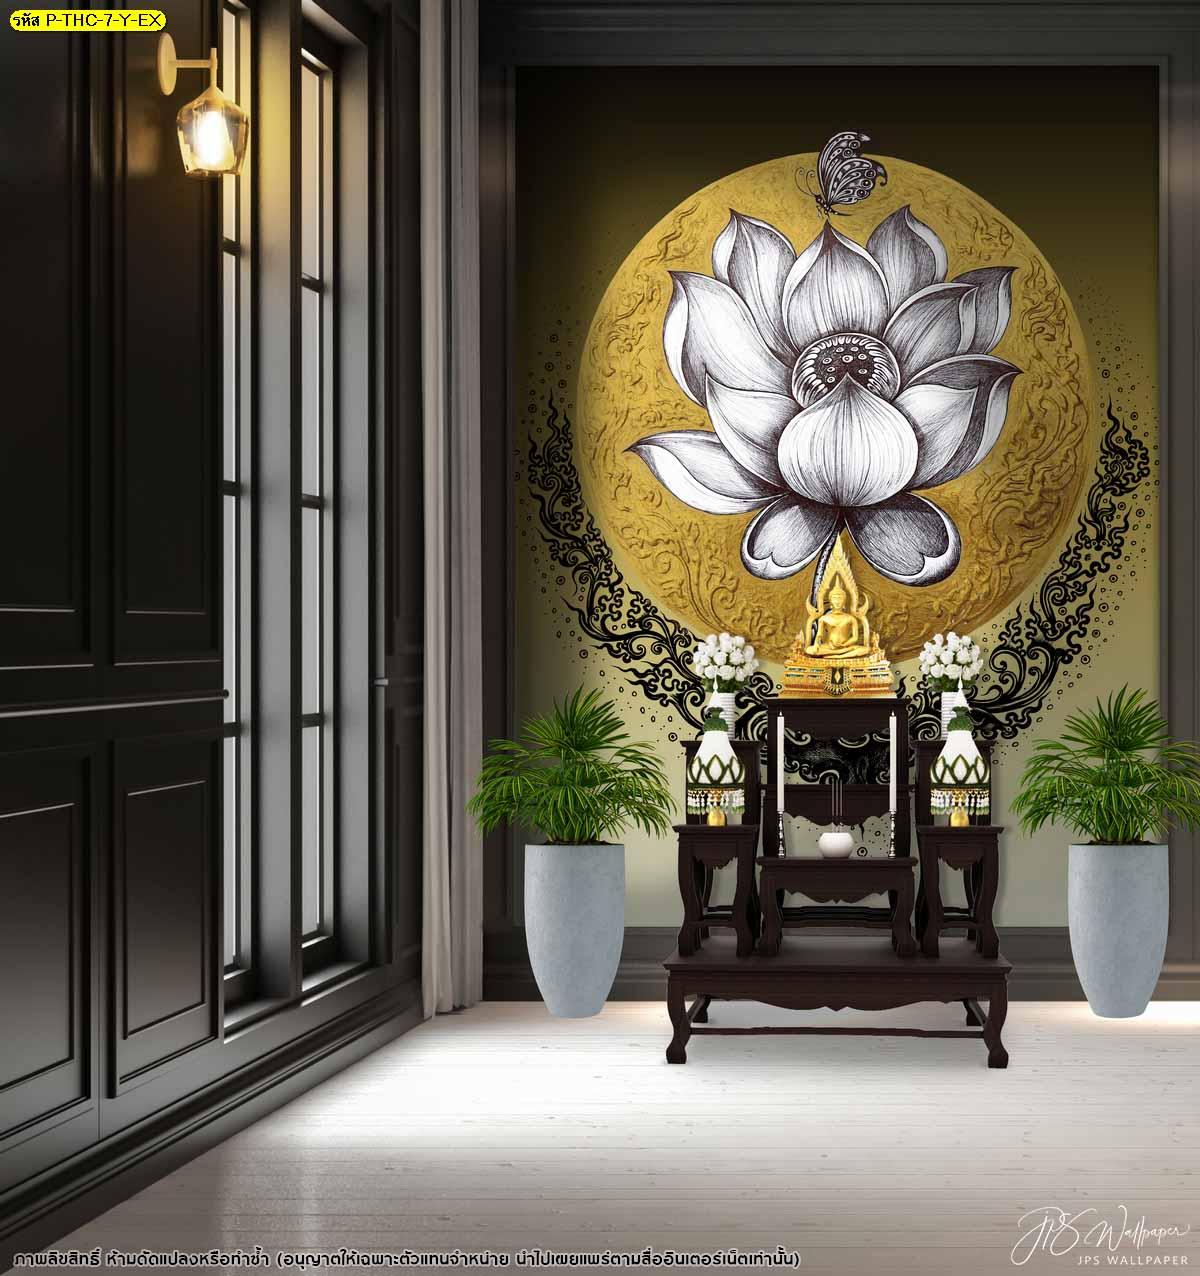 สั่งปริ้นวอลเปเปอร์ลายไทยดอกบัวพื้นหลังวงกลมสีทอง วอลเปเปอร์สั่งตัดขนาดใหญ่ วอลเปเปอร์ตกแต่งผนังห้องพระ